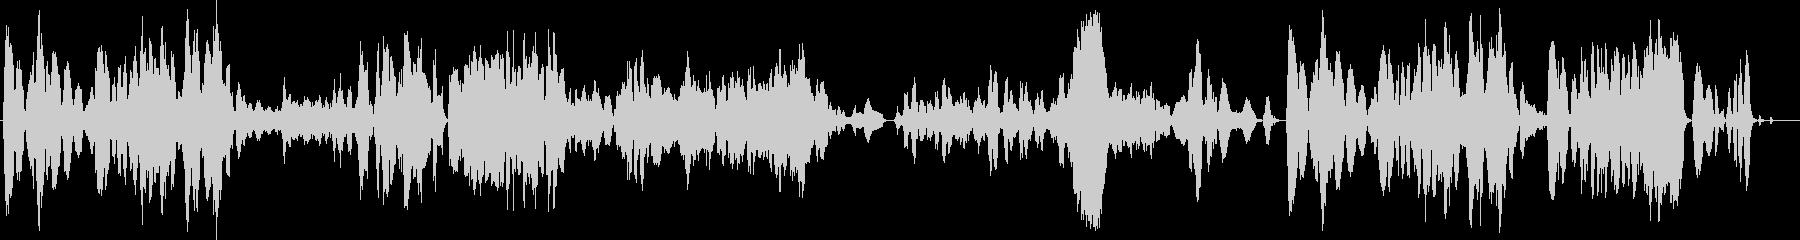 ファンタジーなバイオリンサウンドの未再生の波形